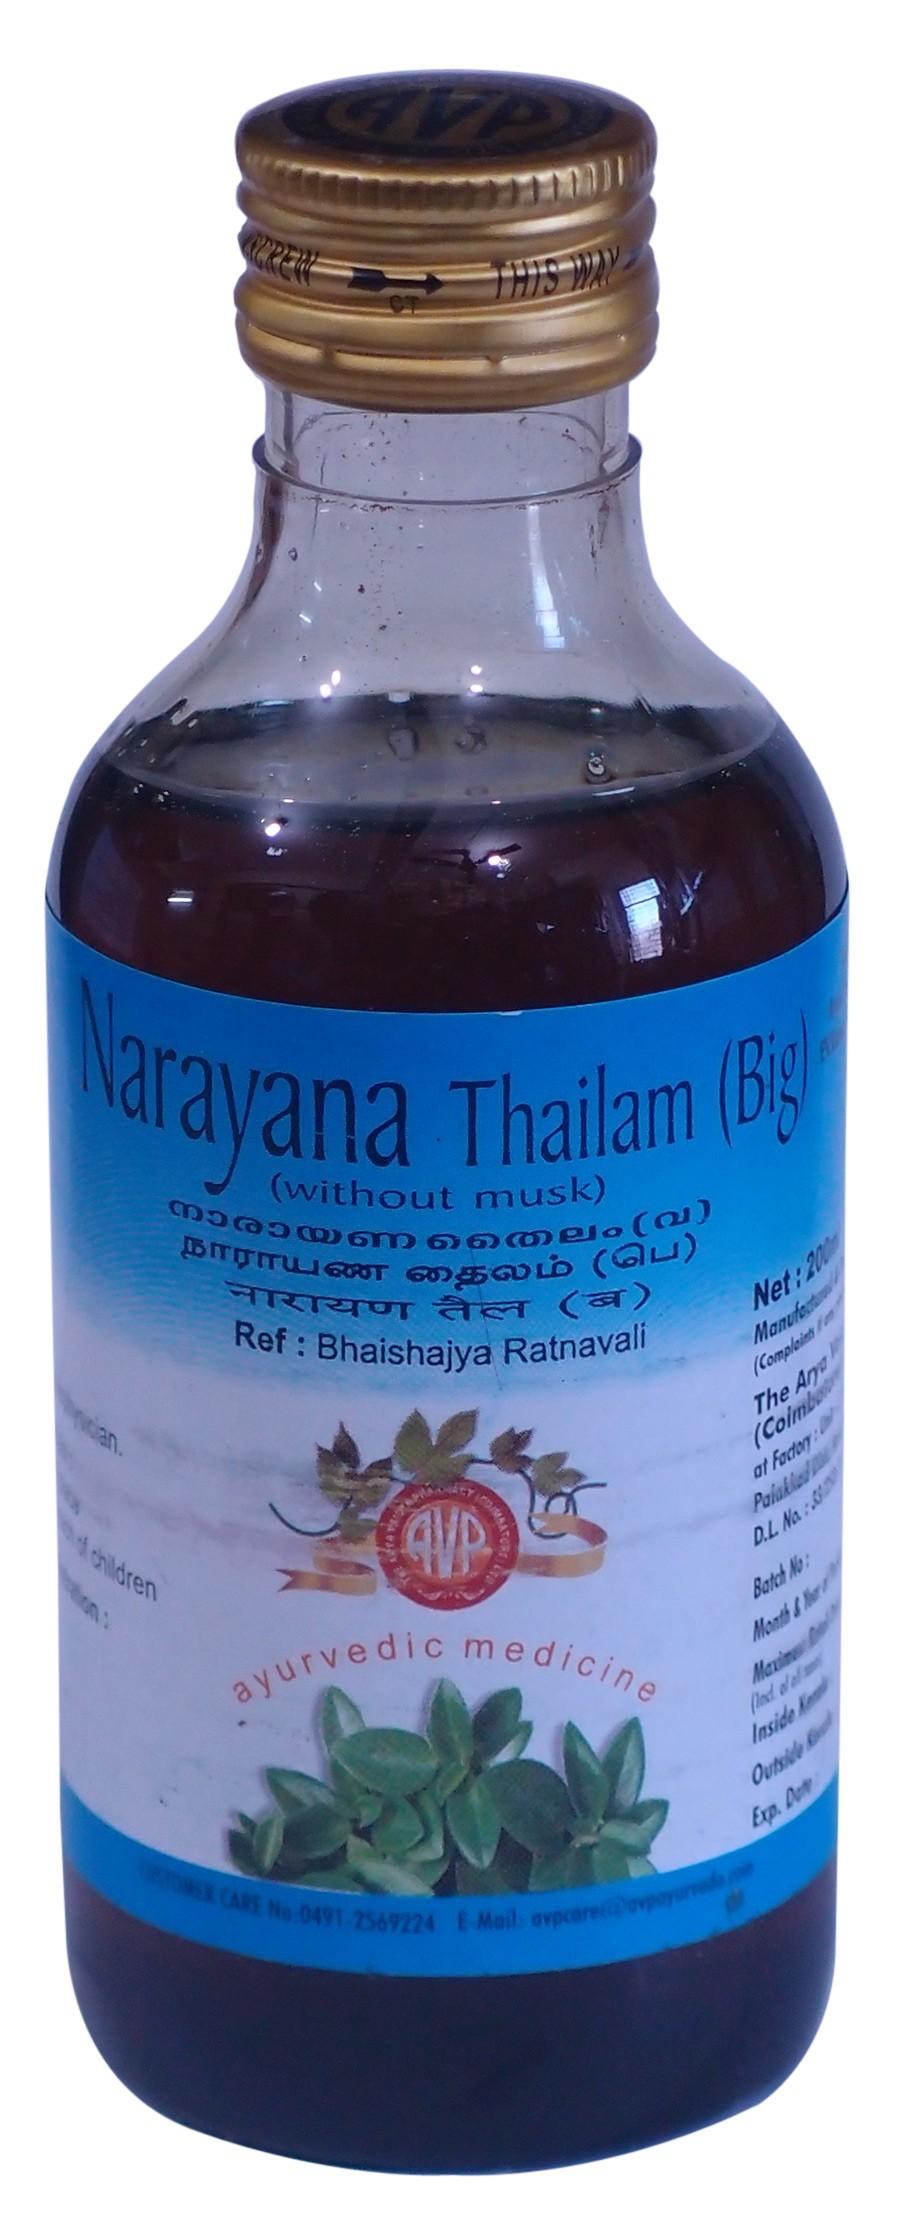 AVP - KAPHA (Mahanarayana) Thailam (200ml)